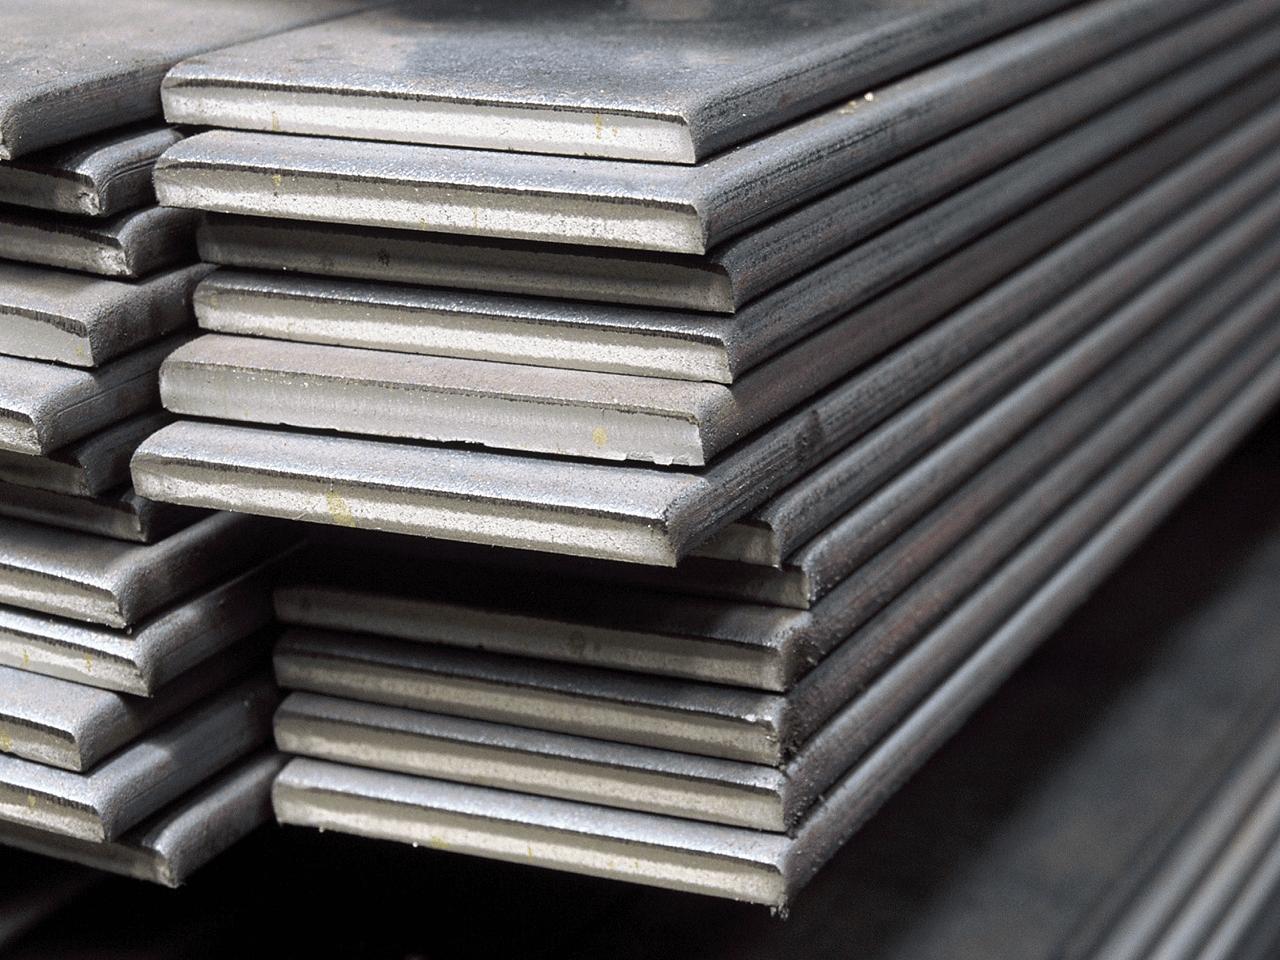 AB Türk Menşeli Bazı Demir-Çelik Ürünlerine Damping Soruşturması Açtı